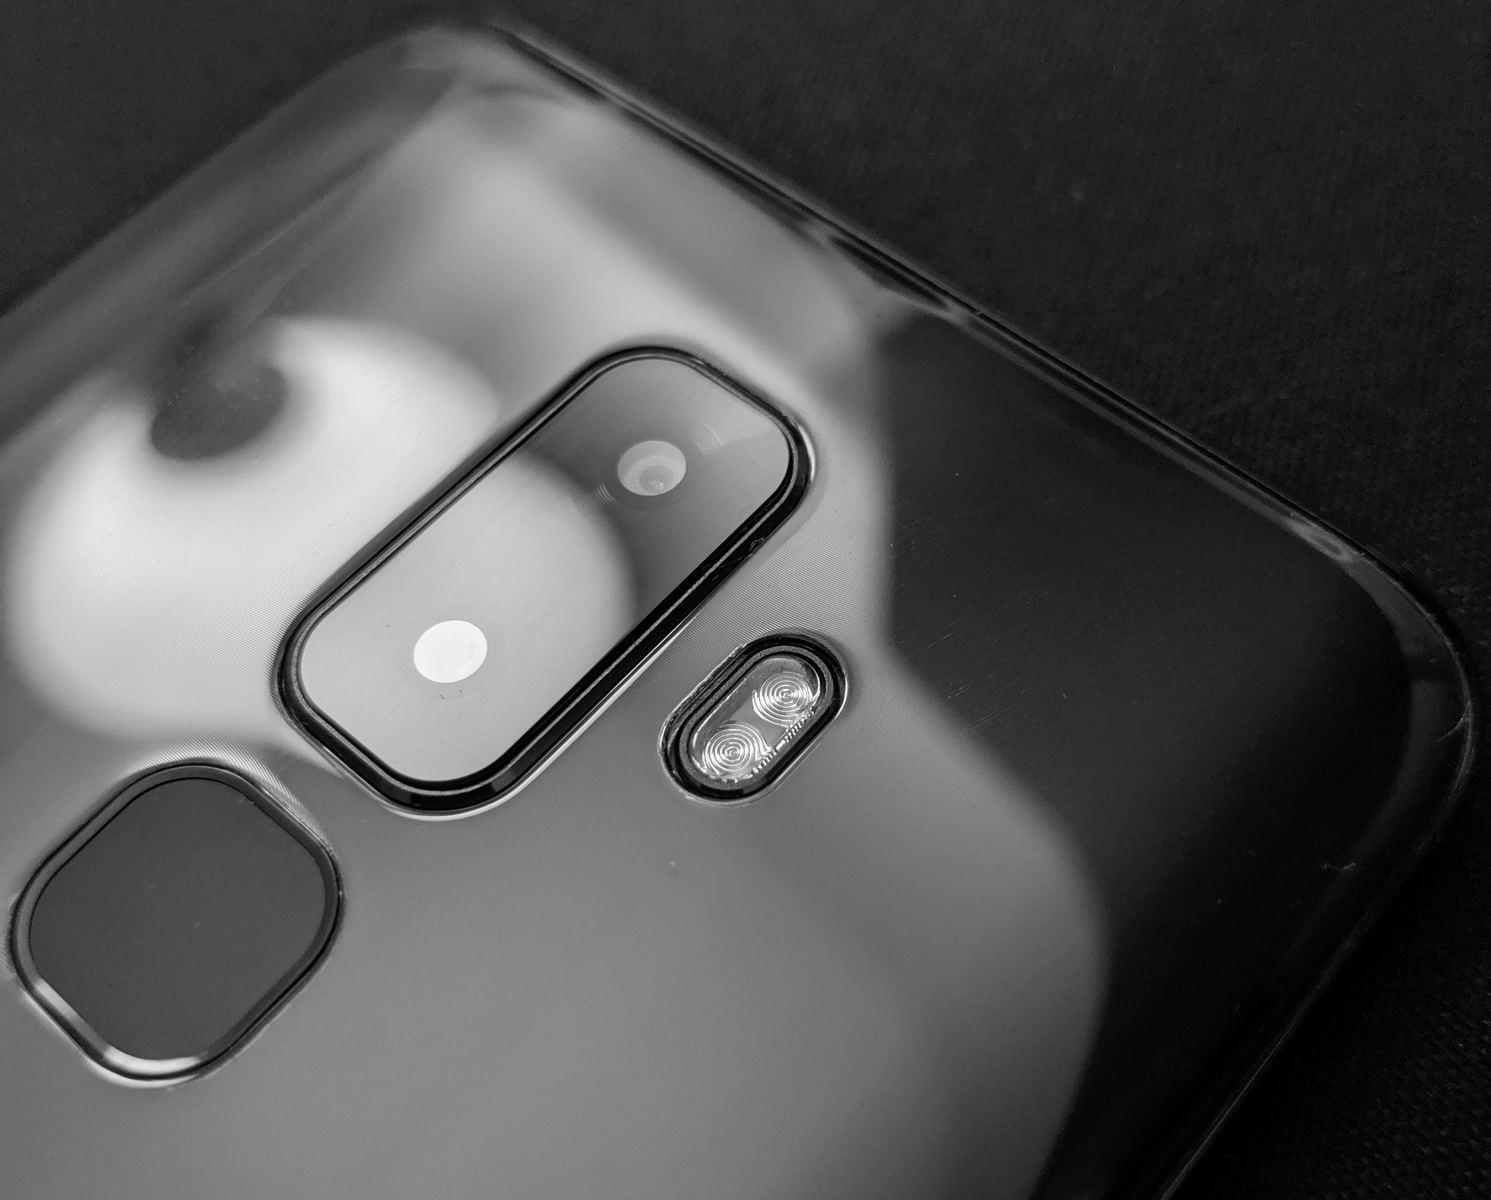 بررسی گوشی موبایل NUU G3 Plus